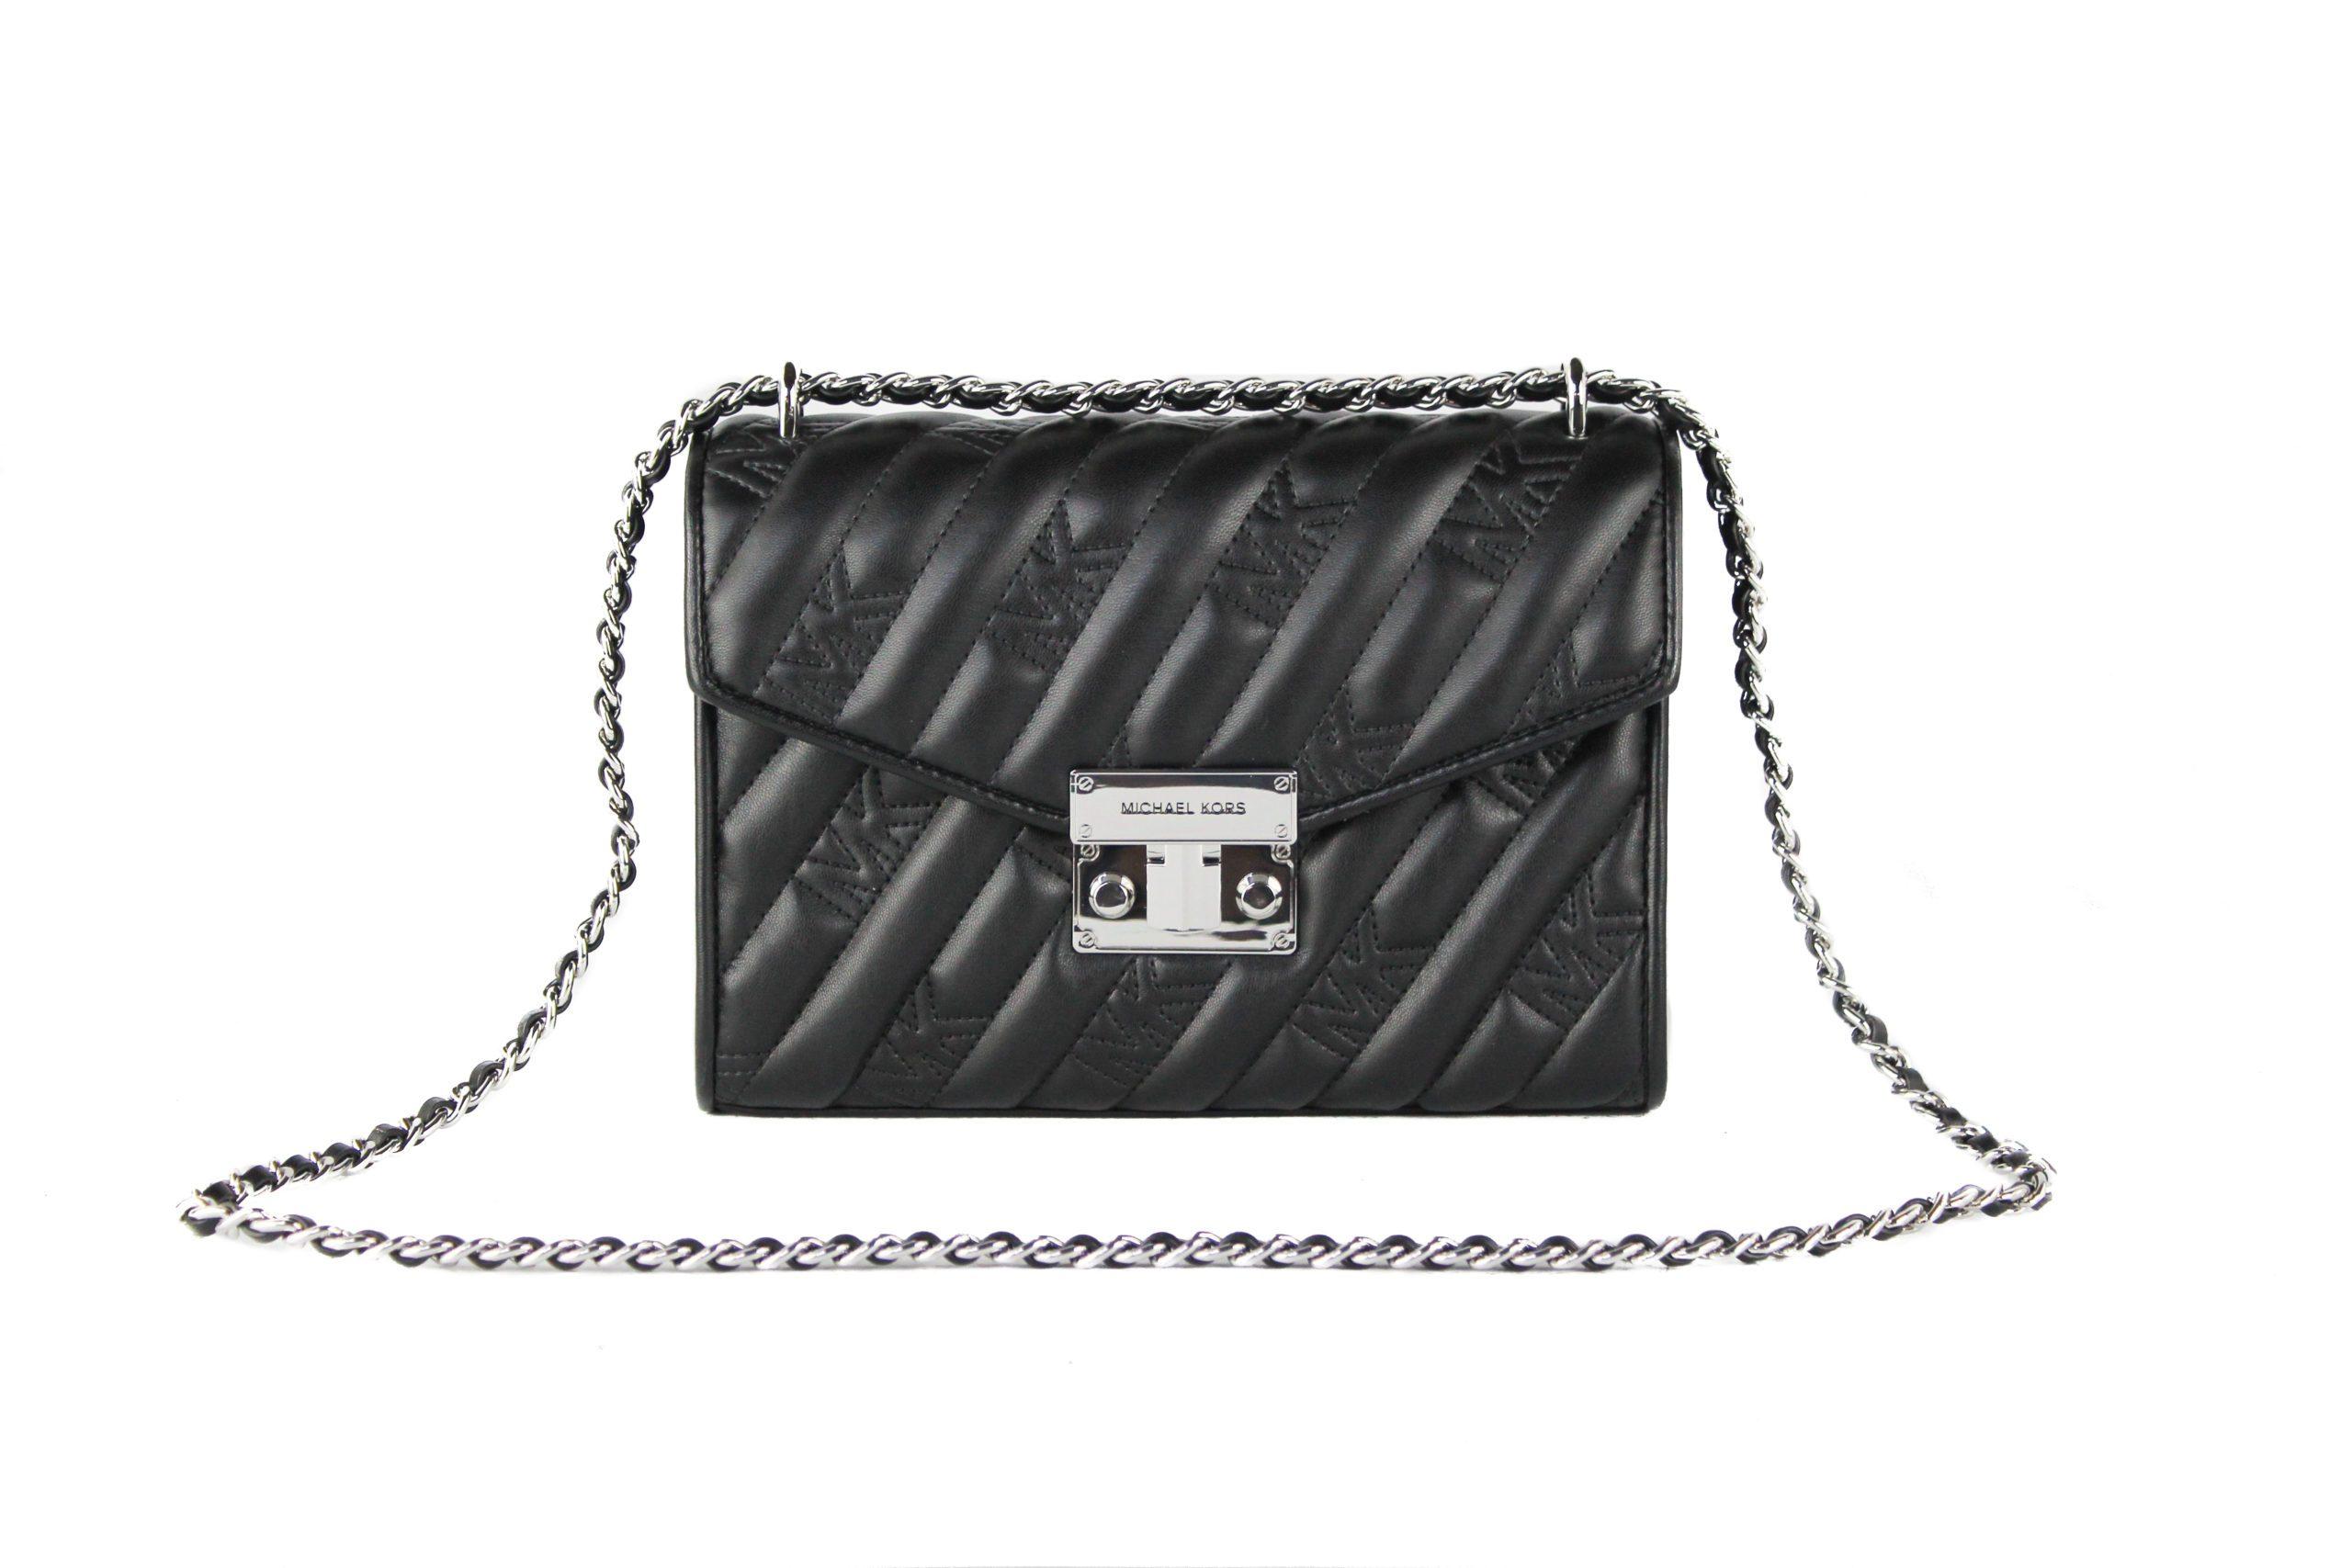 Michael Kors Women's Rose Vegan Shoulder Bag Black 61299